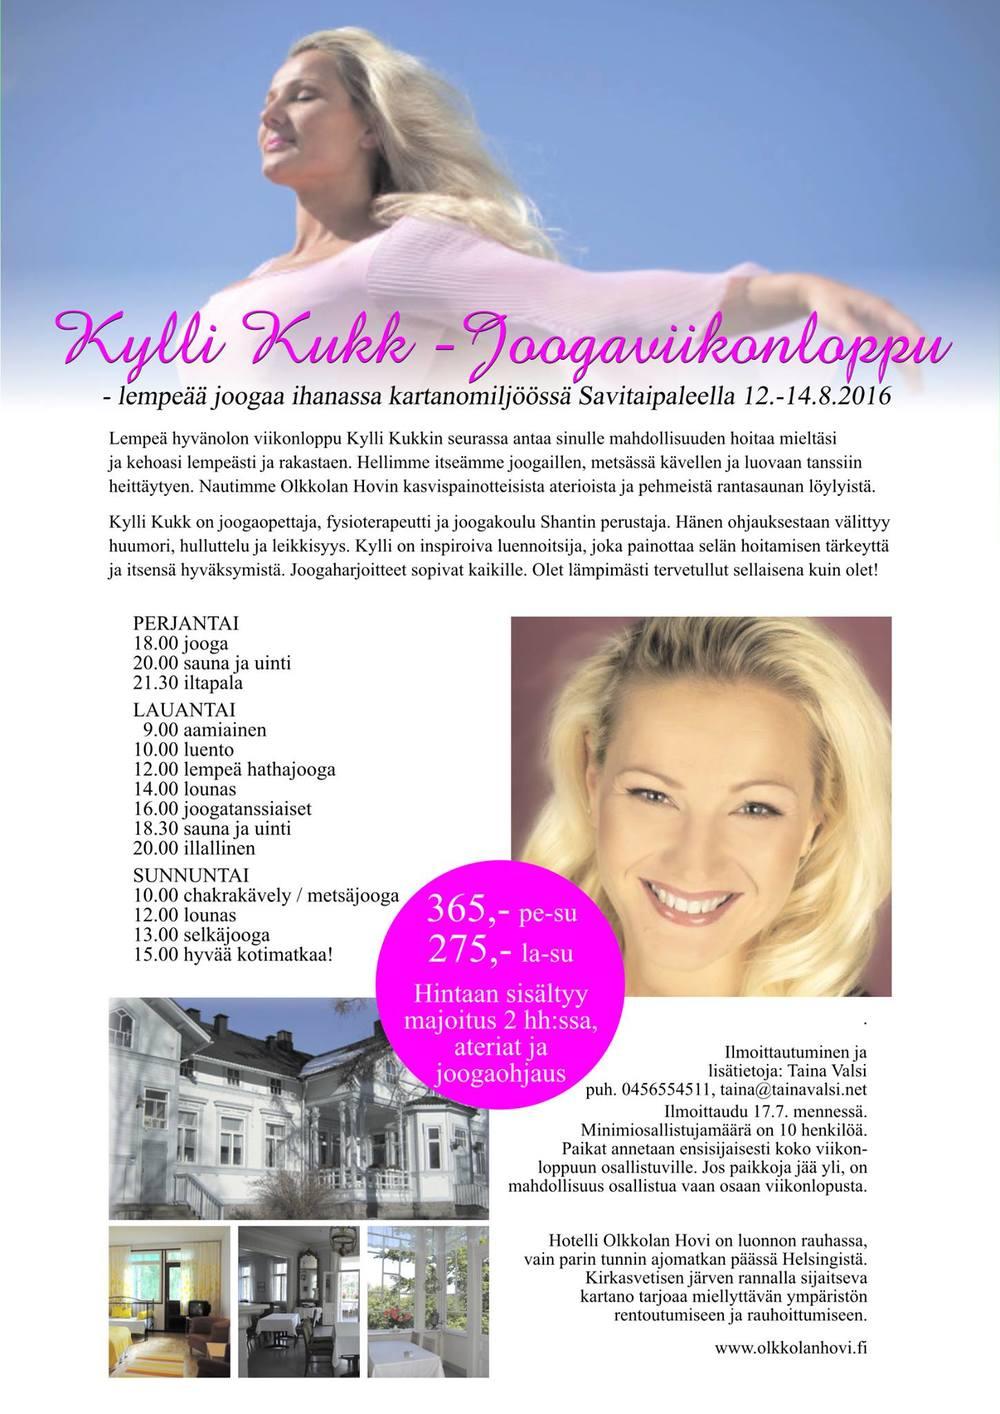 Kylli_Kukk_joogaviikonloppu_Savitaipale.jpg